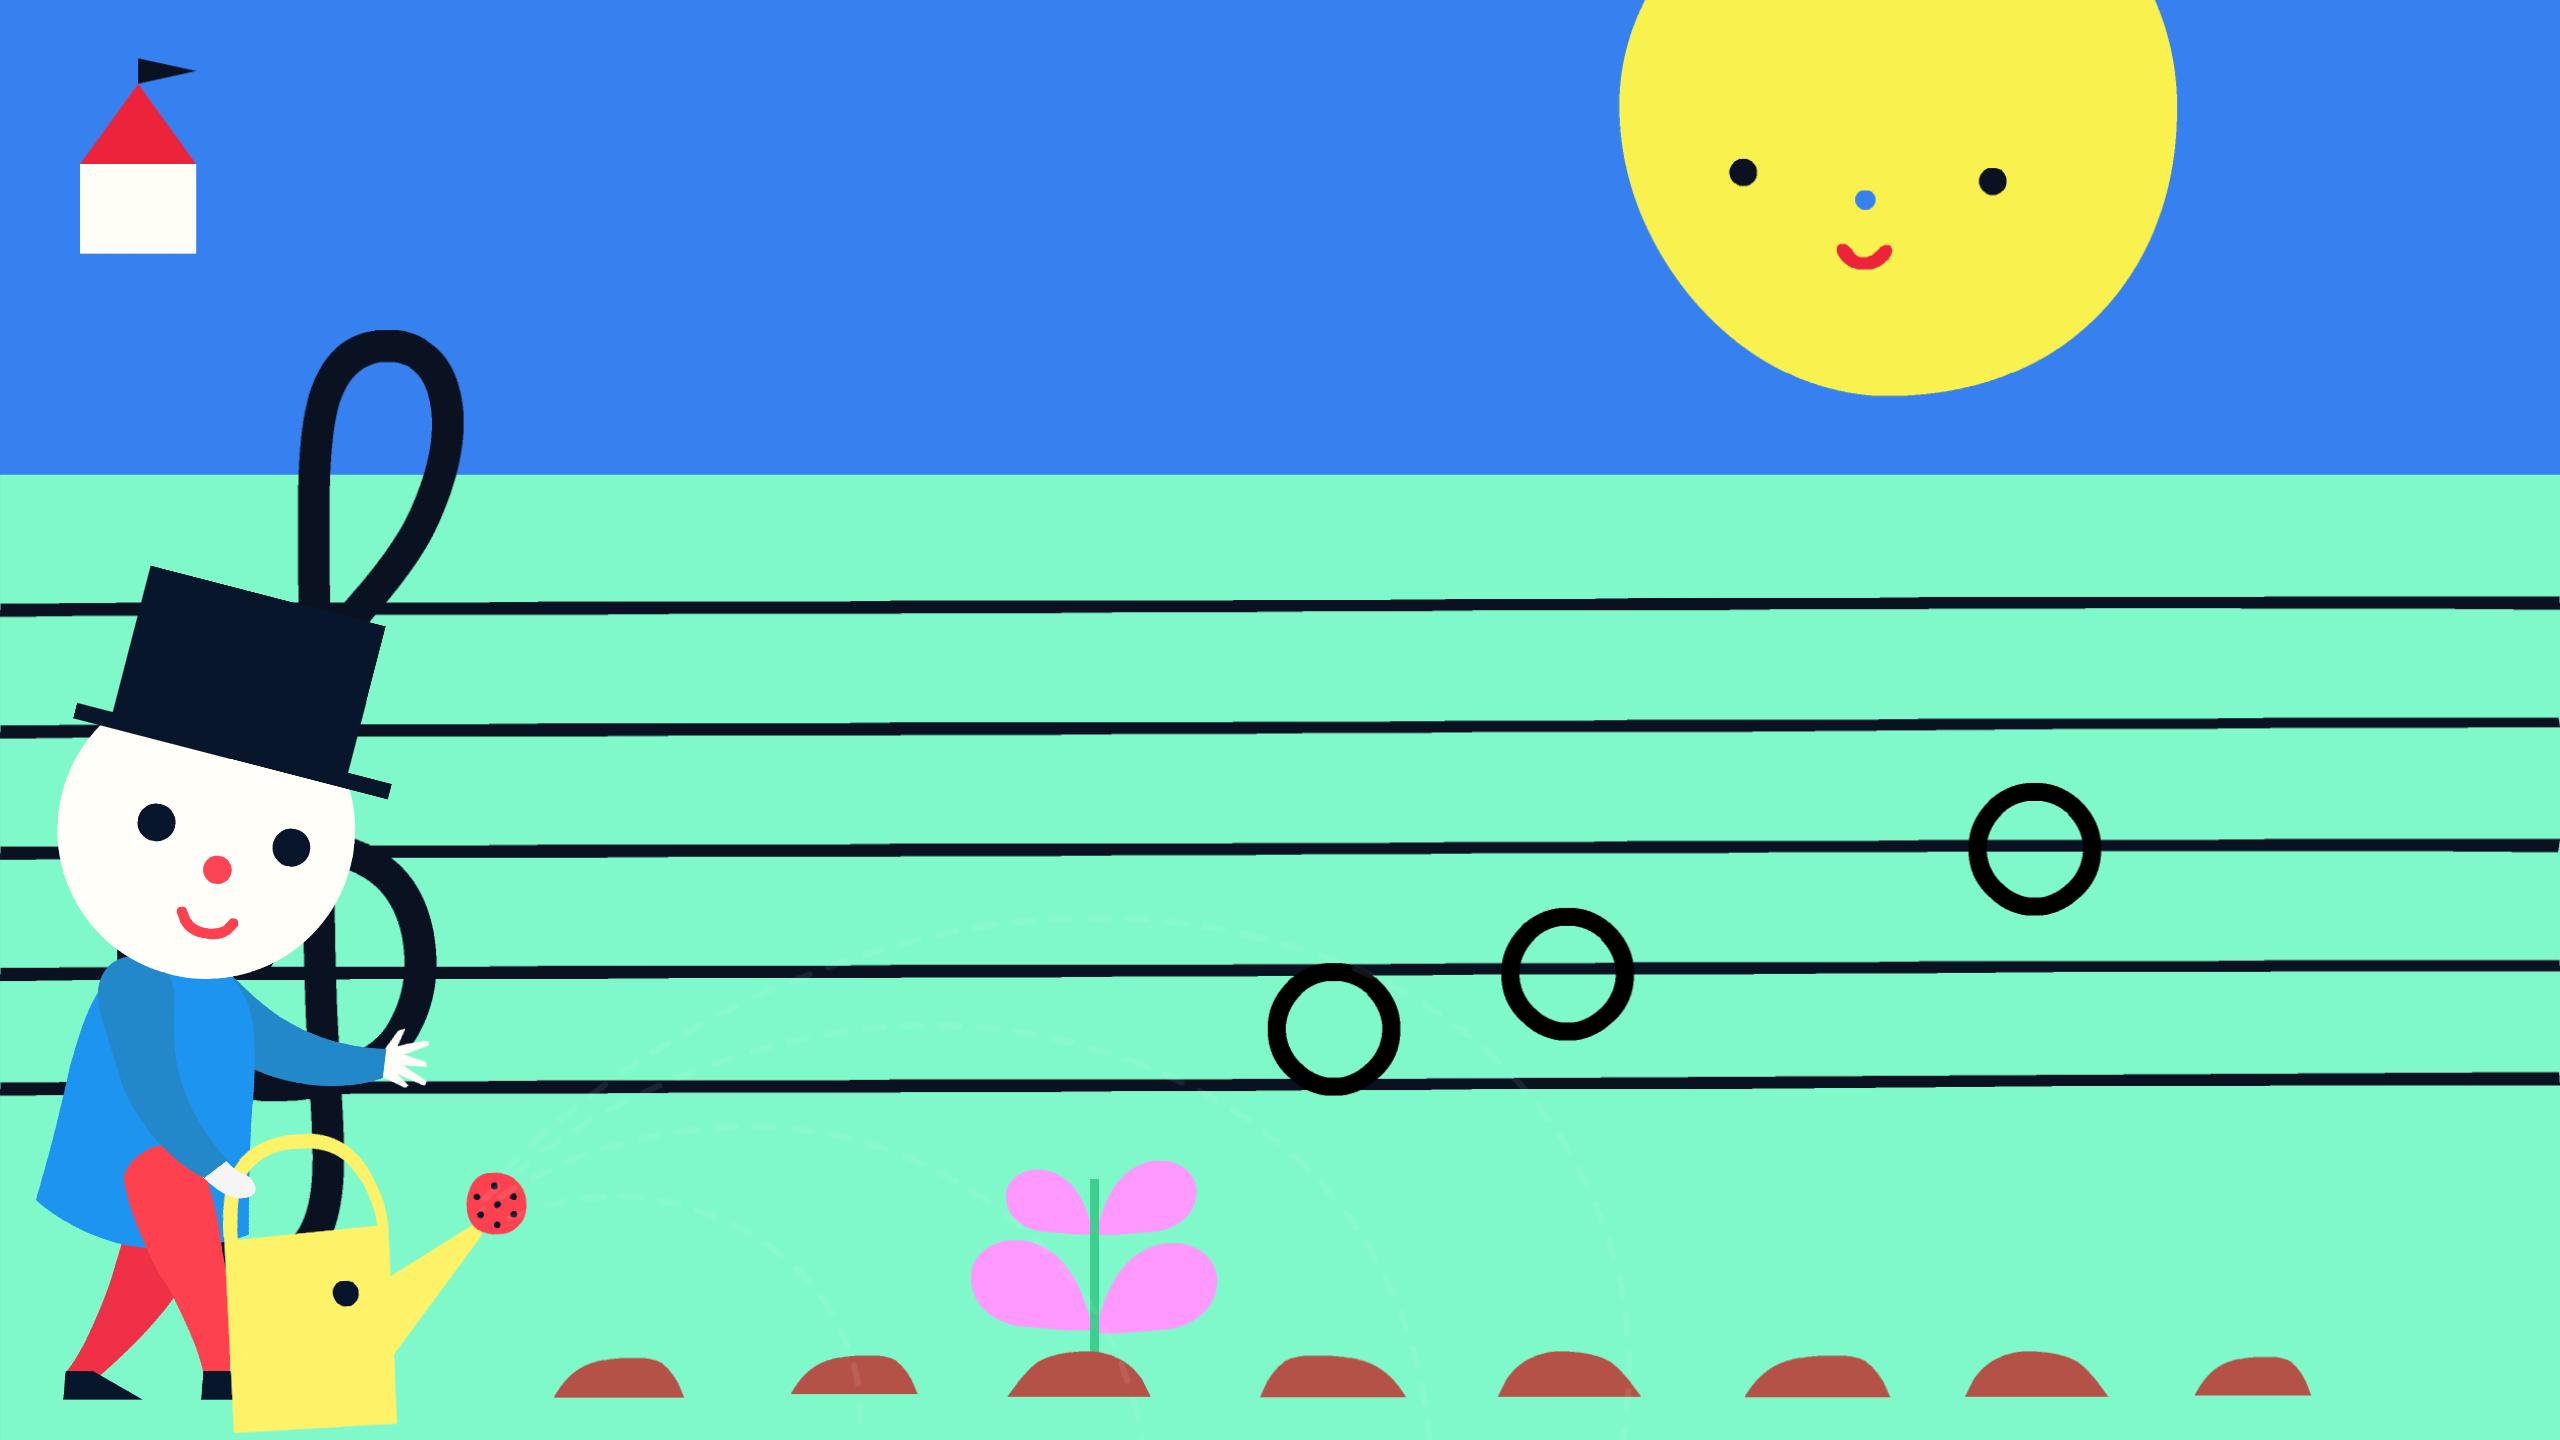 Screeshot: Teko gießt Blumen, die zu Noten auf einer Tonleiter heranwachsen.